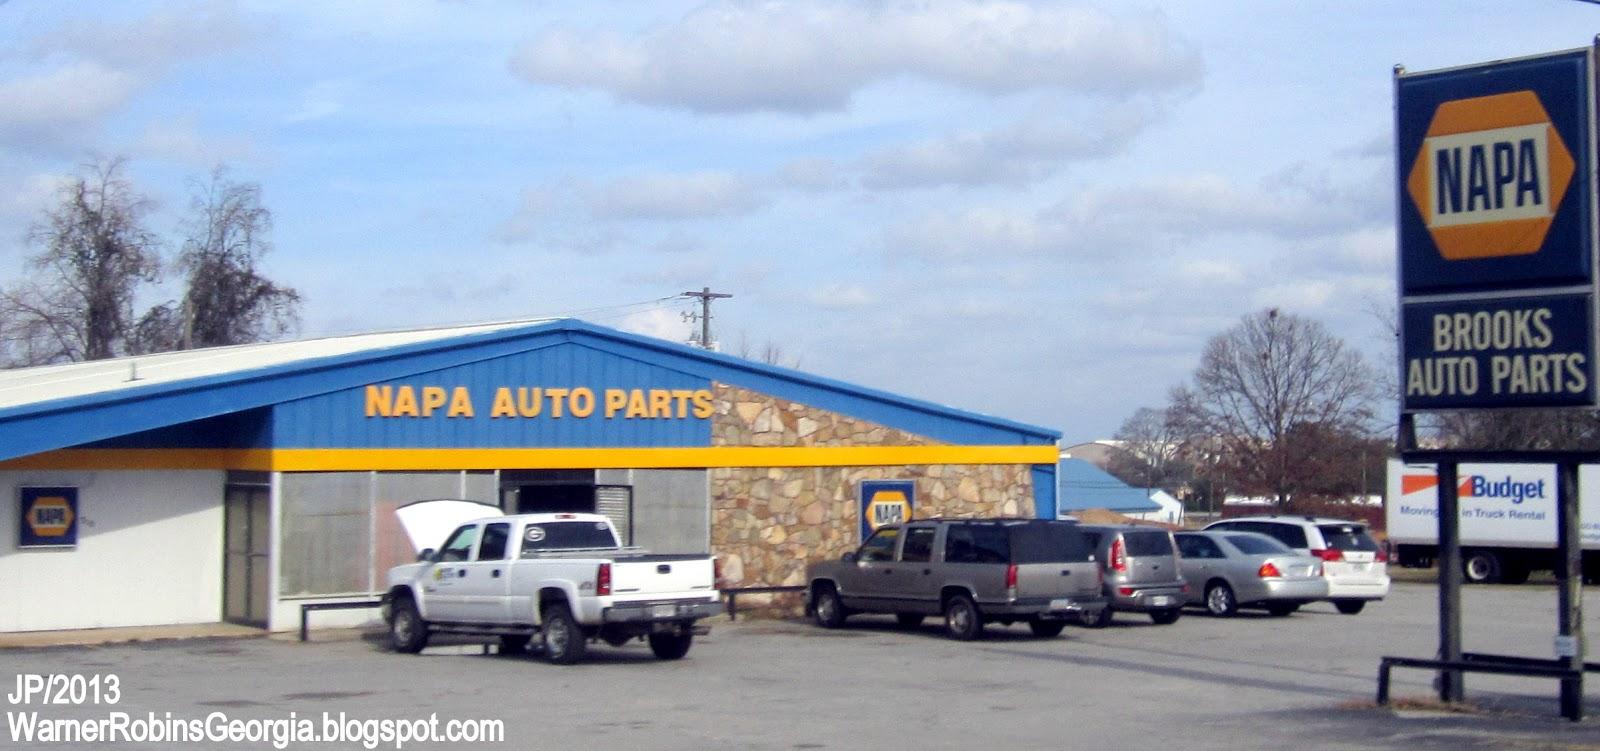 Auto parts casino